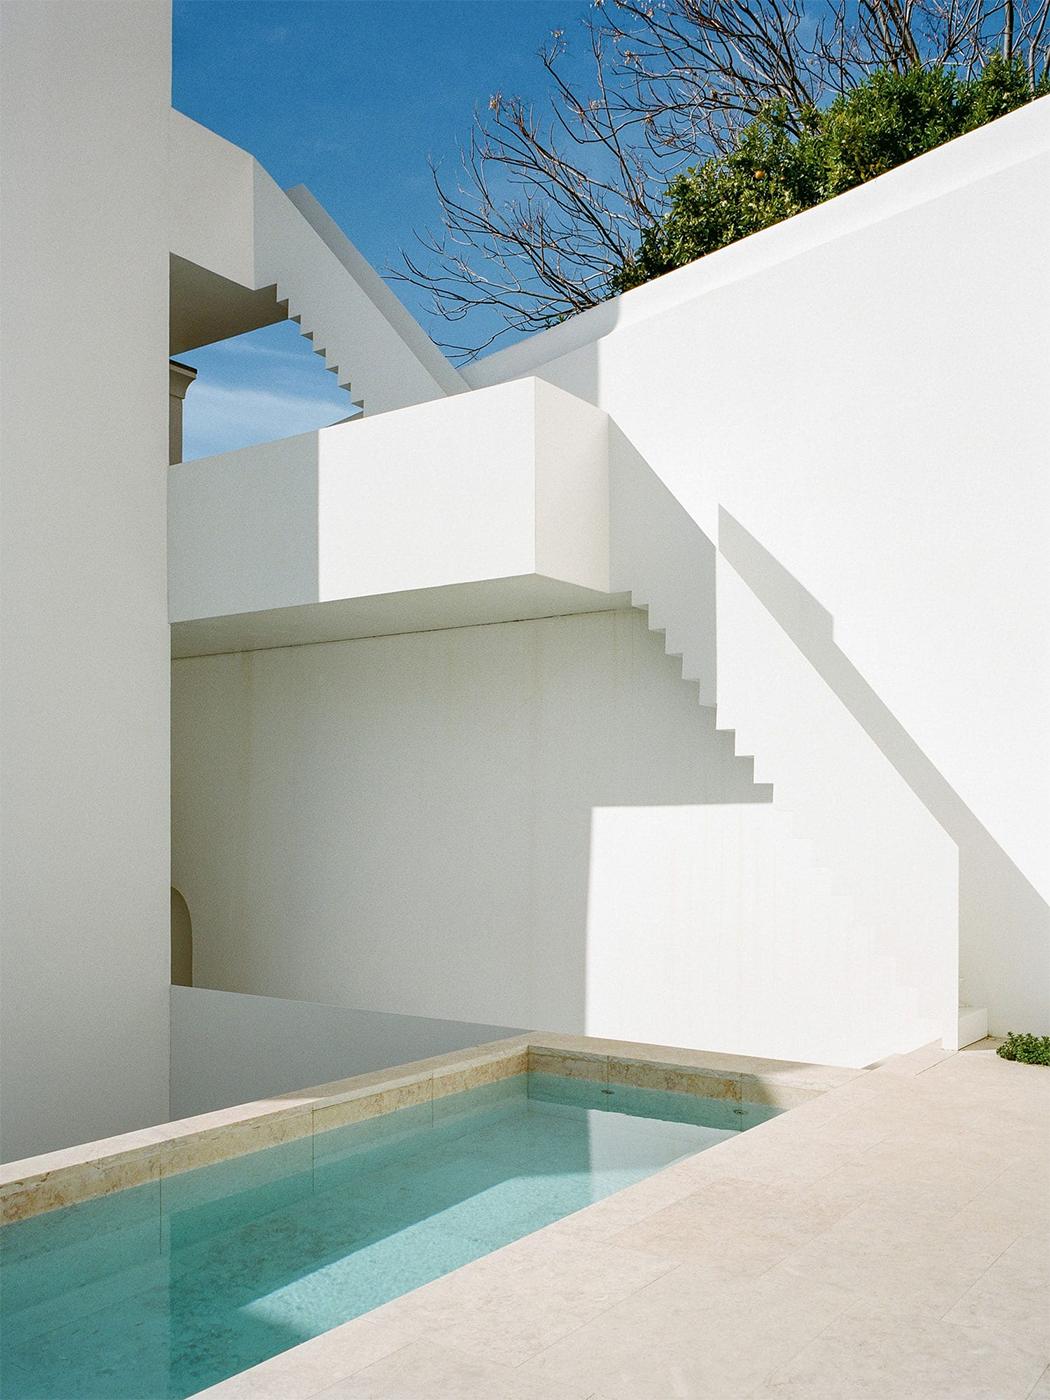 Atelier Cecílio De Sousa in Lisbon, Portugal 6.png